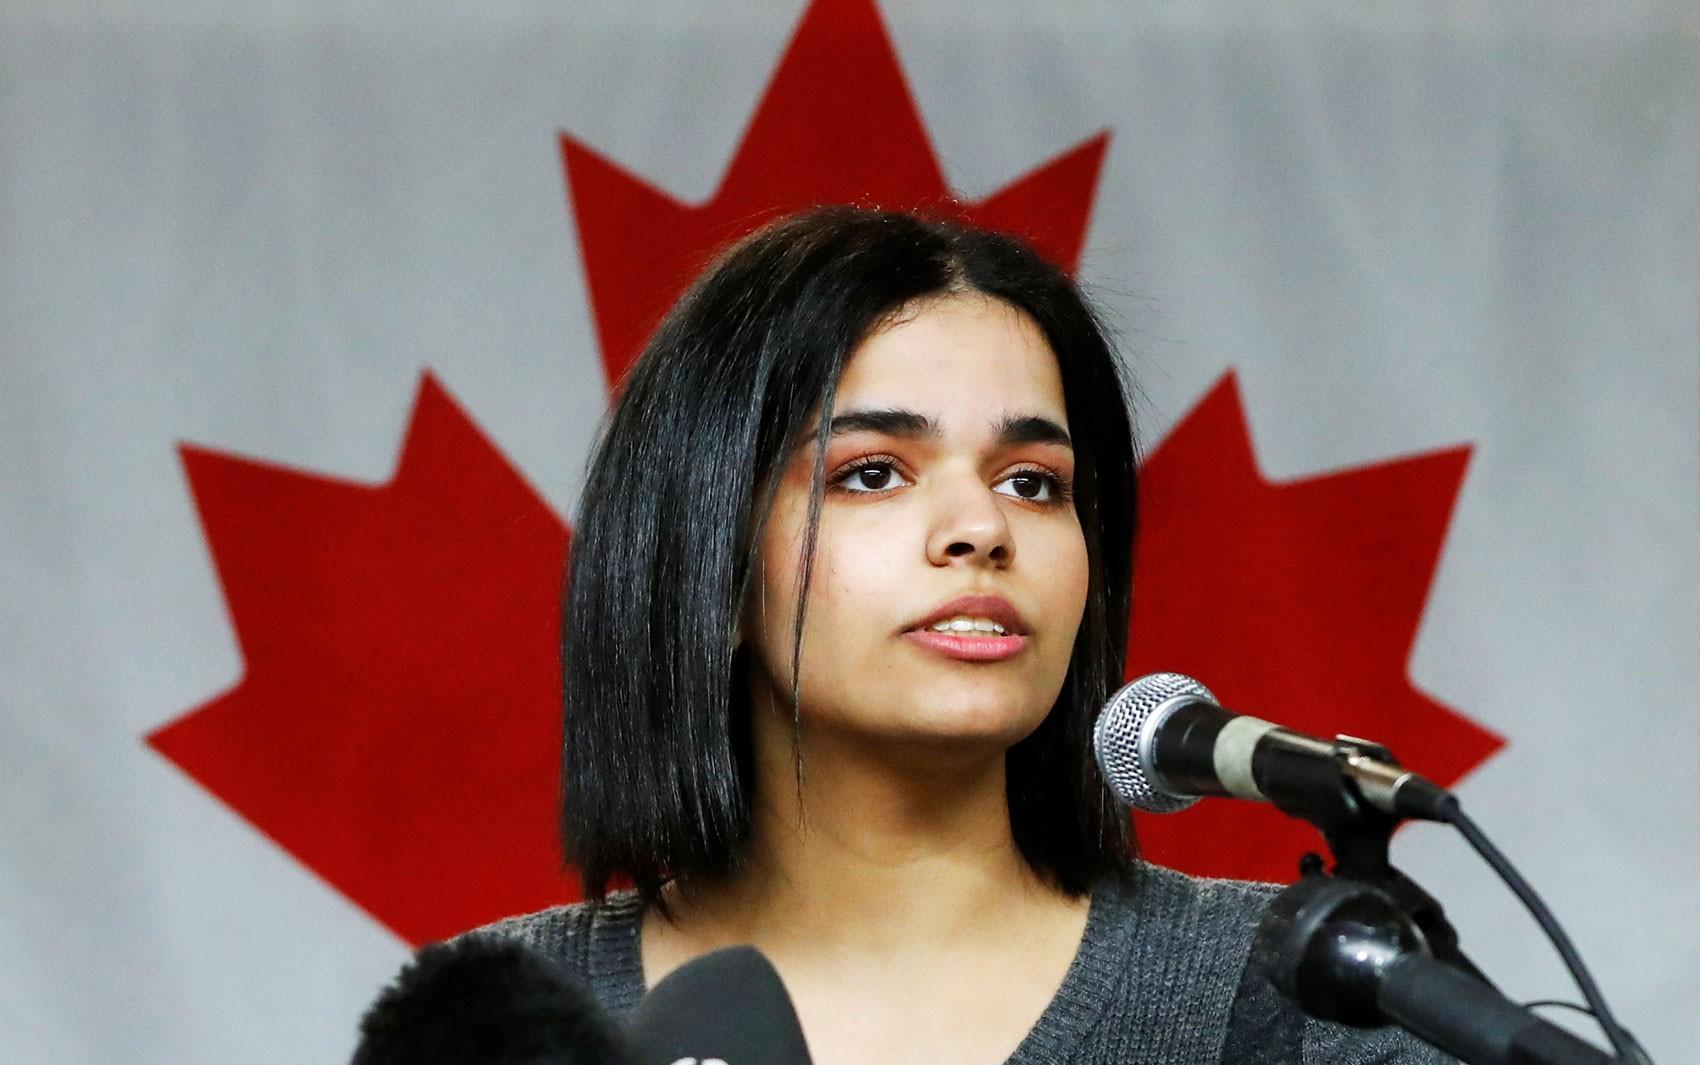 Com ameaças a adolescente saudita, agência de imigração contrata segurança no Canadá